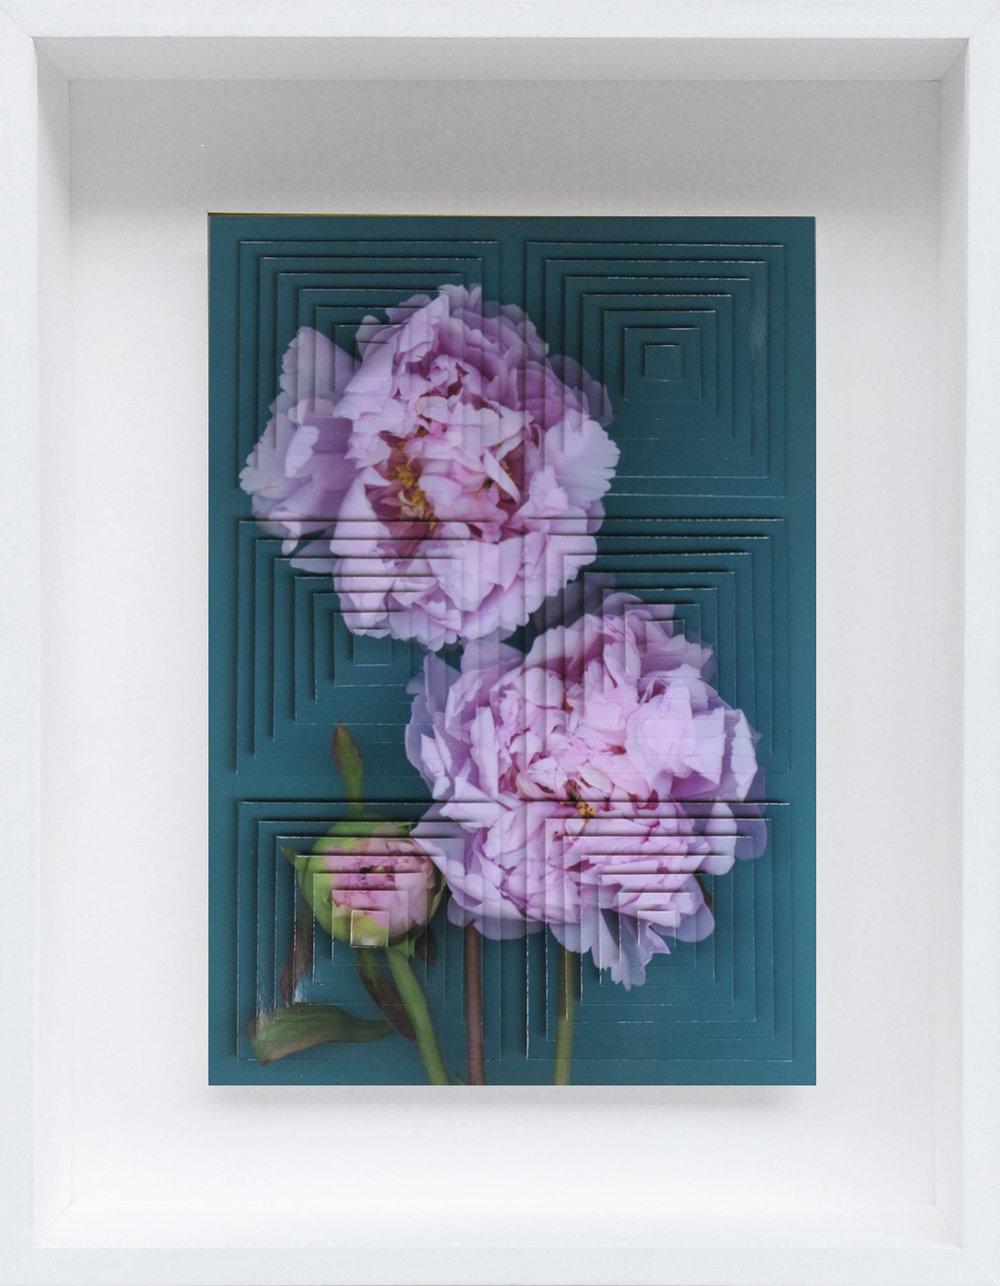 6. Galleria-l'Affiche_Alfred-Drago-Rens_Fiore (18)_2015 - 33,2x25,7 cm.jpg